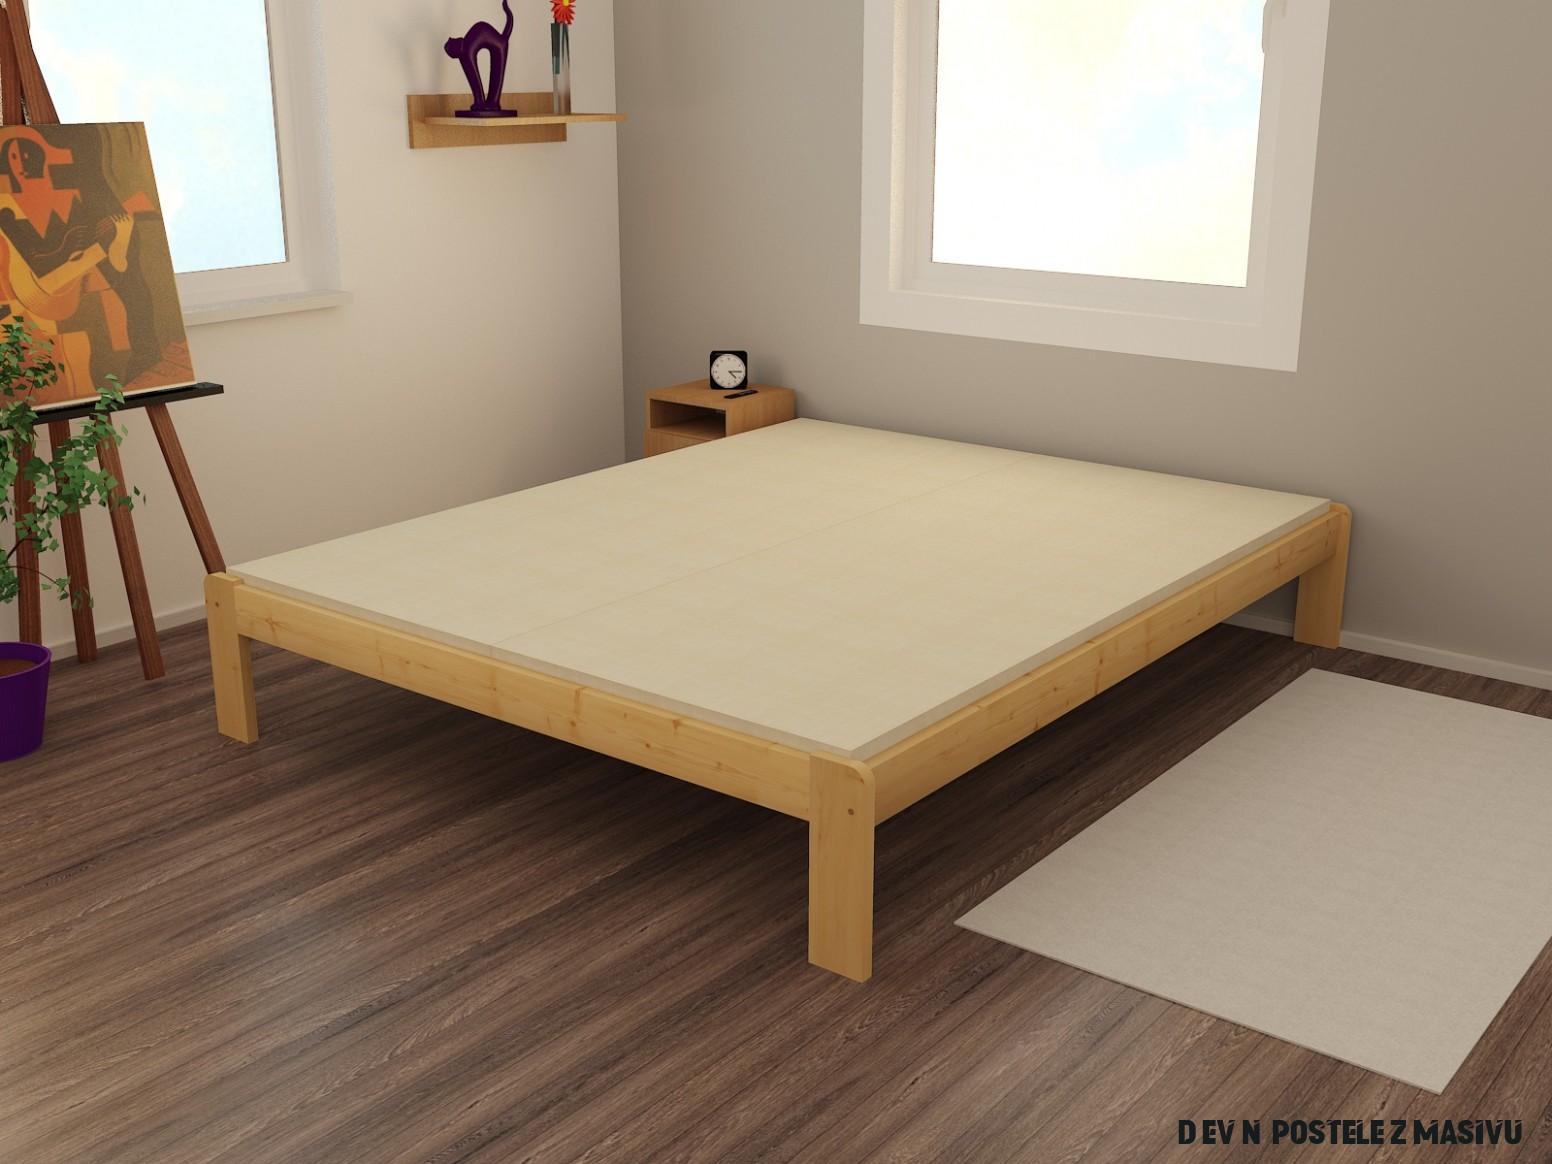 Dřevěná postel VMK 15A 15x15 borovice masiv přírodní lakovaná  Dřevěné  postele z masivu  Masiv-drevene-postele.cz